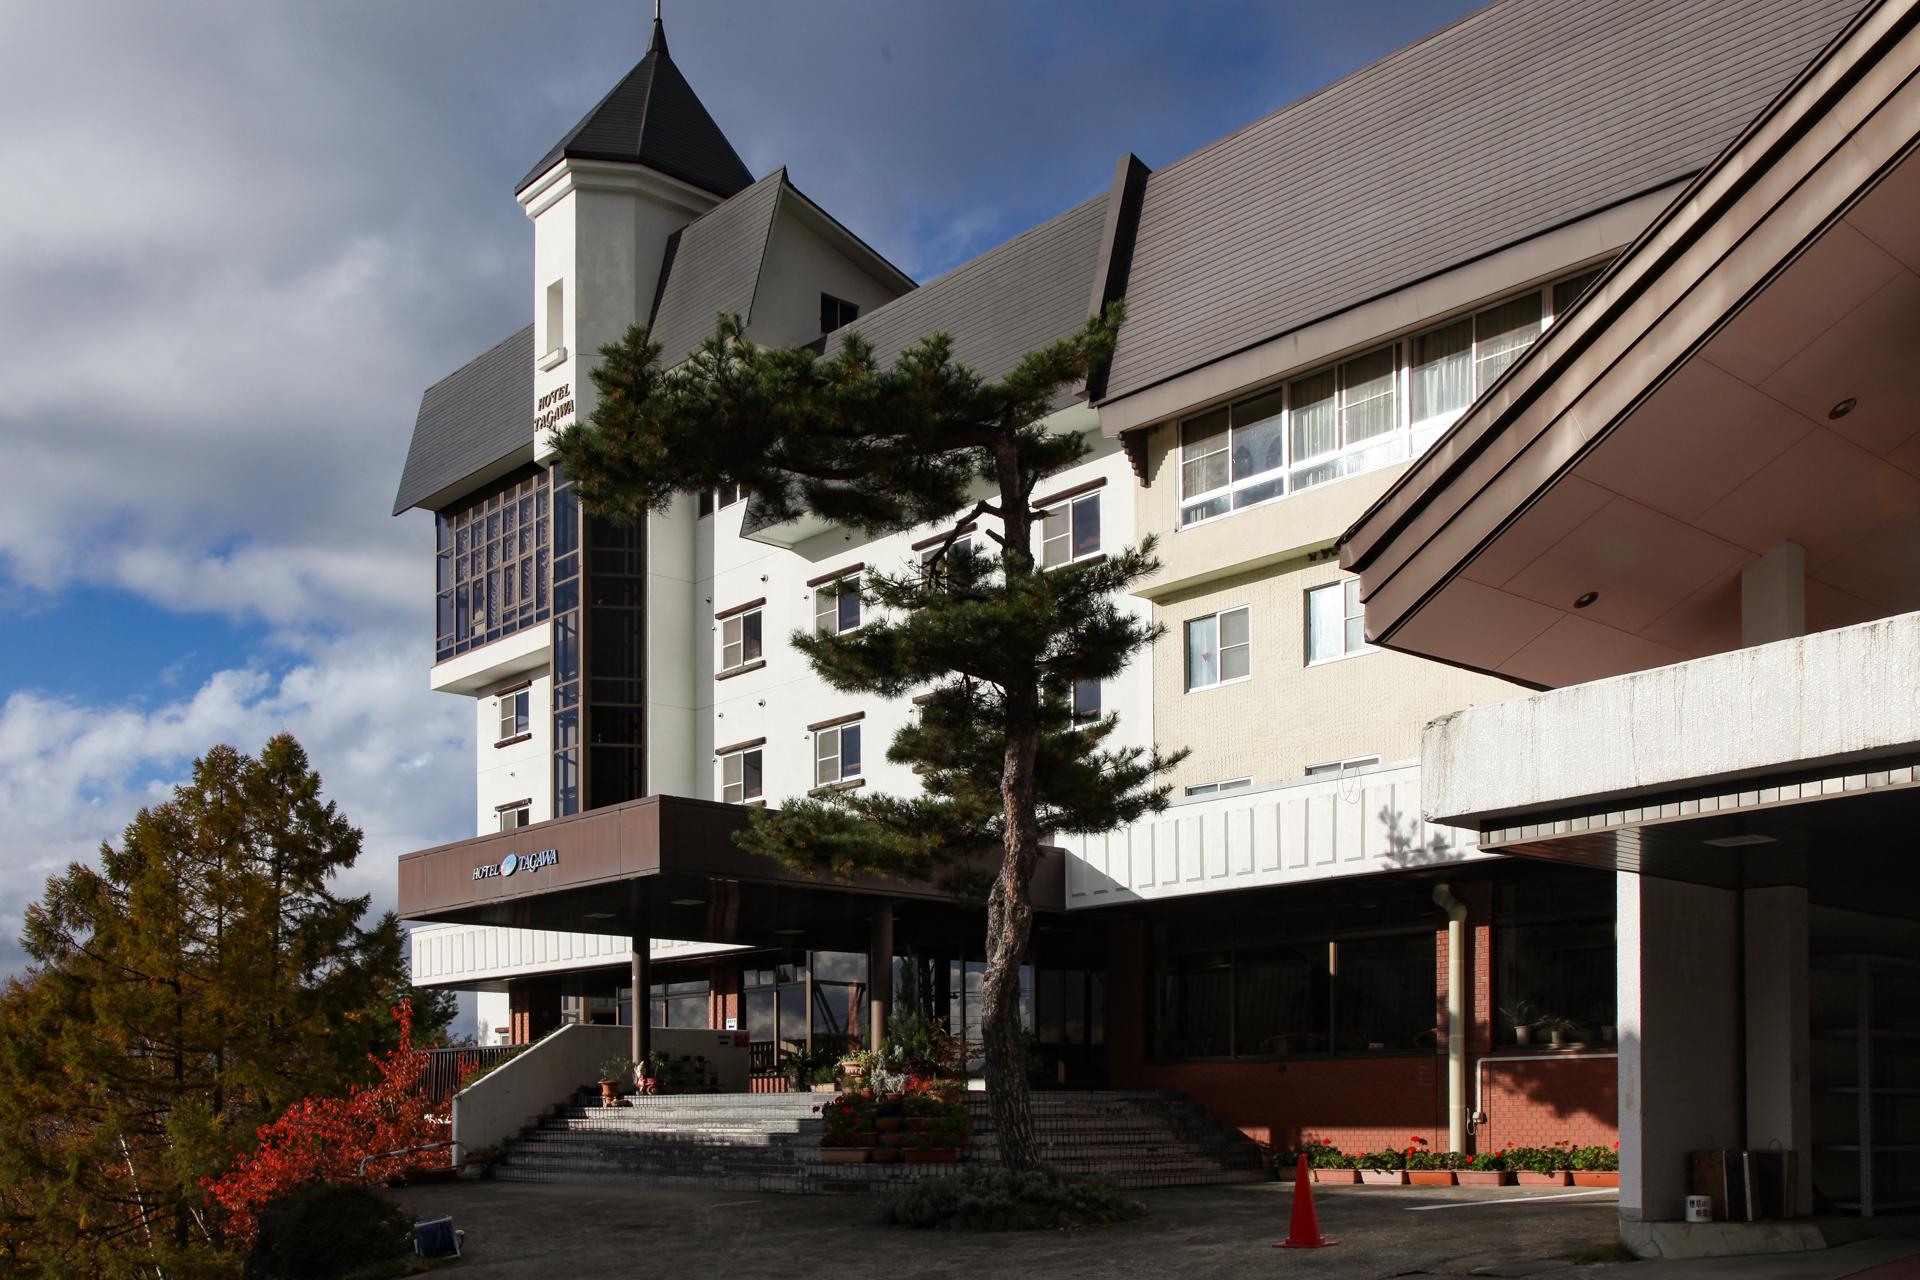 |ホテルタガワ|<br>北志賀高原竜王の豊かな自然に抱かれた庶民派リゾートホテル